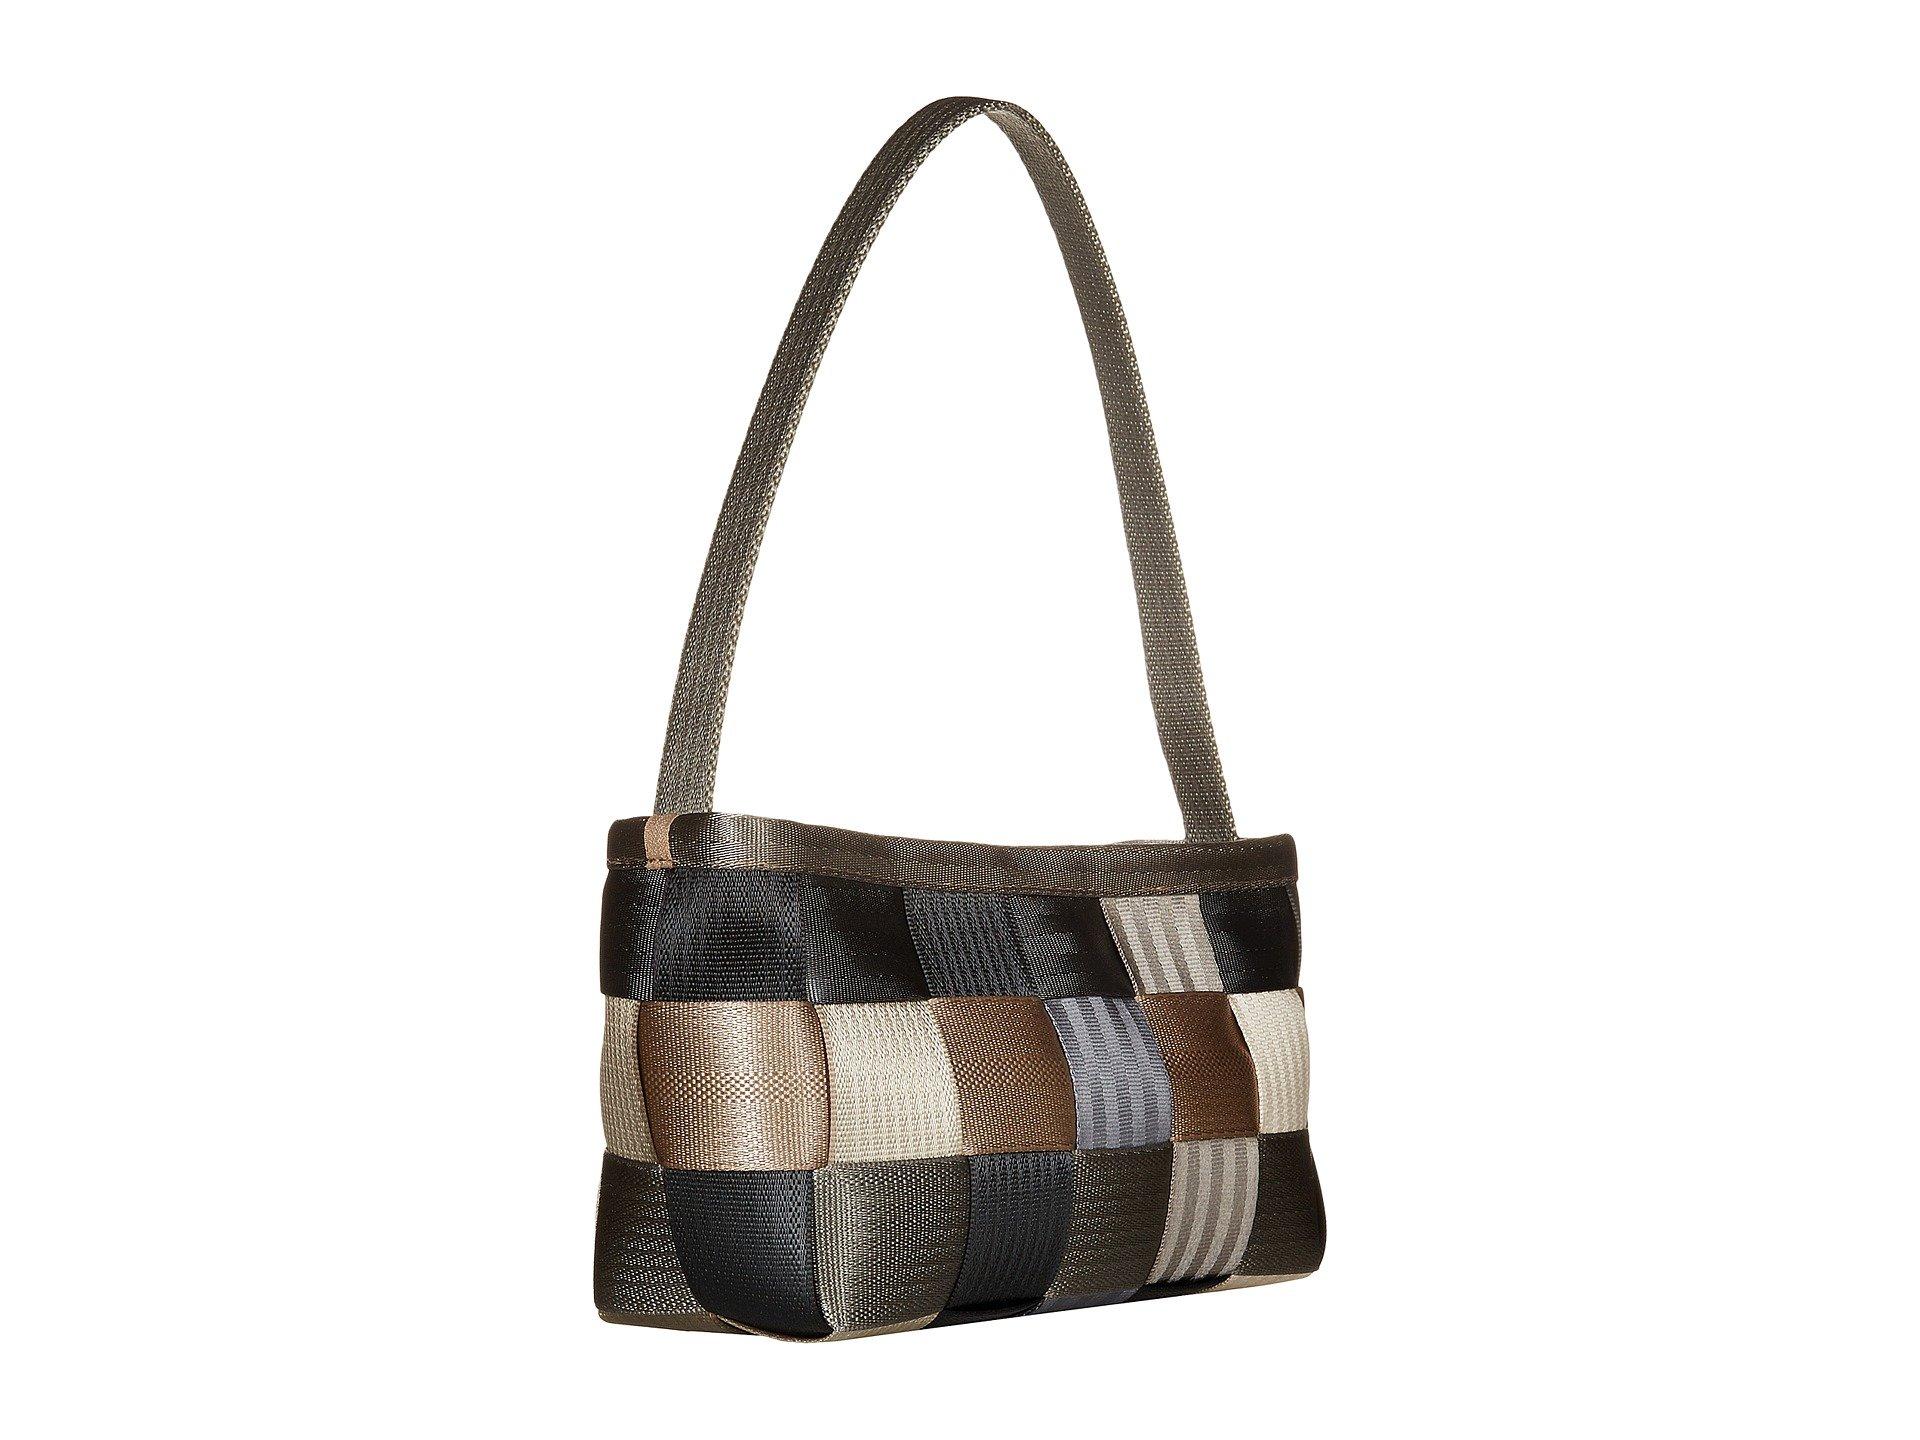 Harveys Harveys Bag Baguette Baguette Treecycle Harveys Seatbelt Seatbelt Bag Treecycle Bag Seatbelt rngqWr46